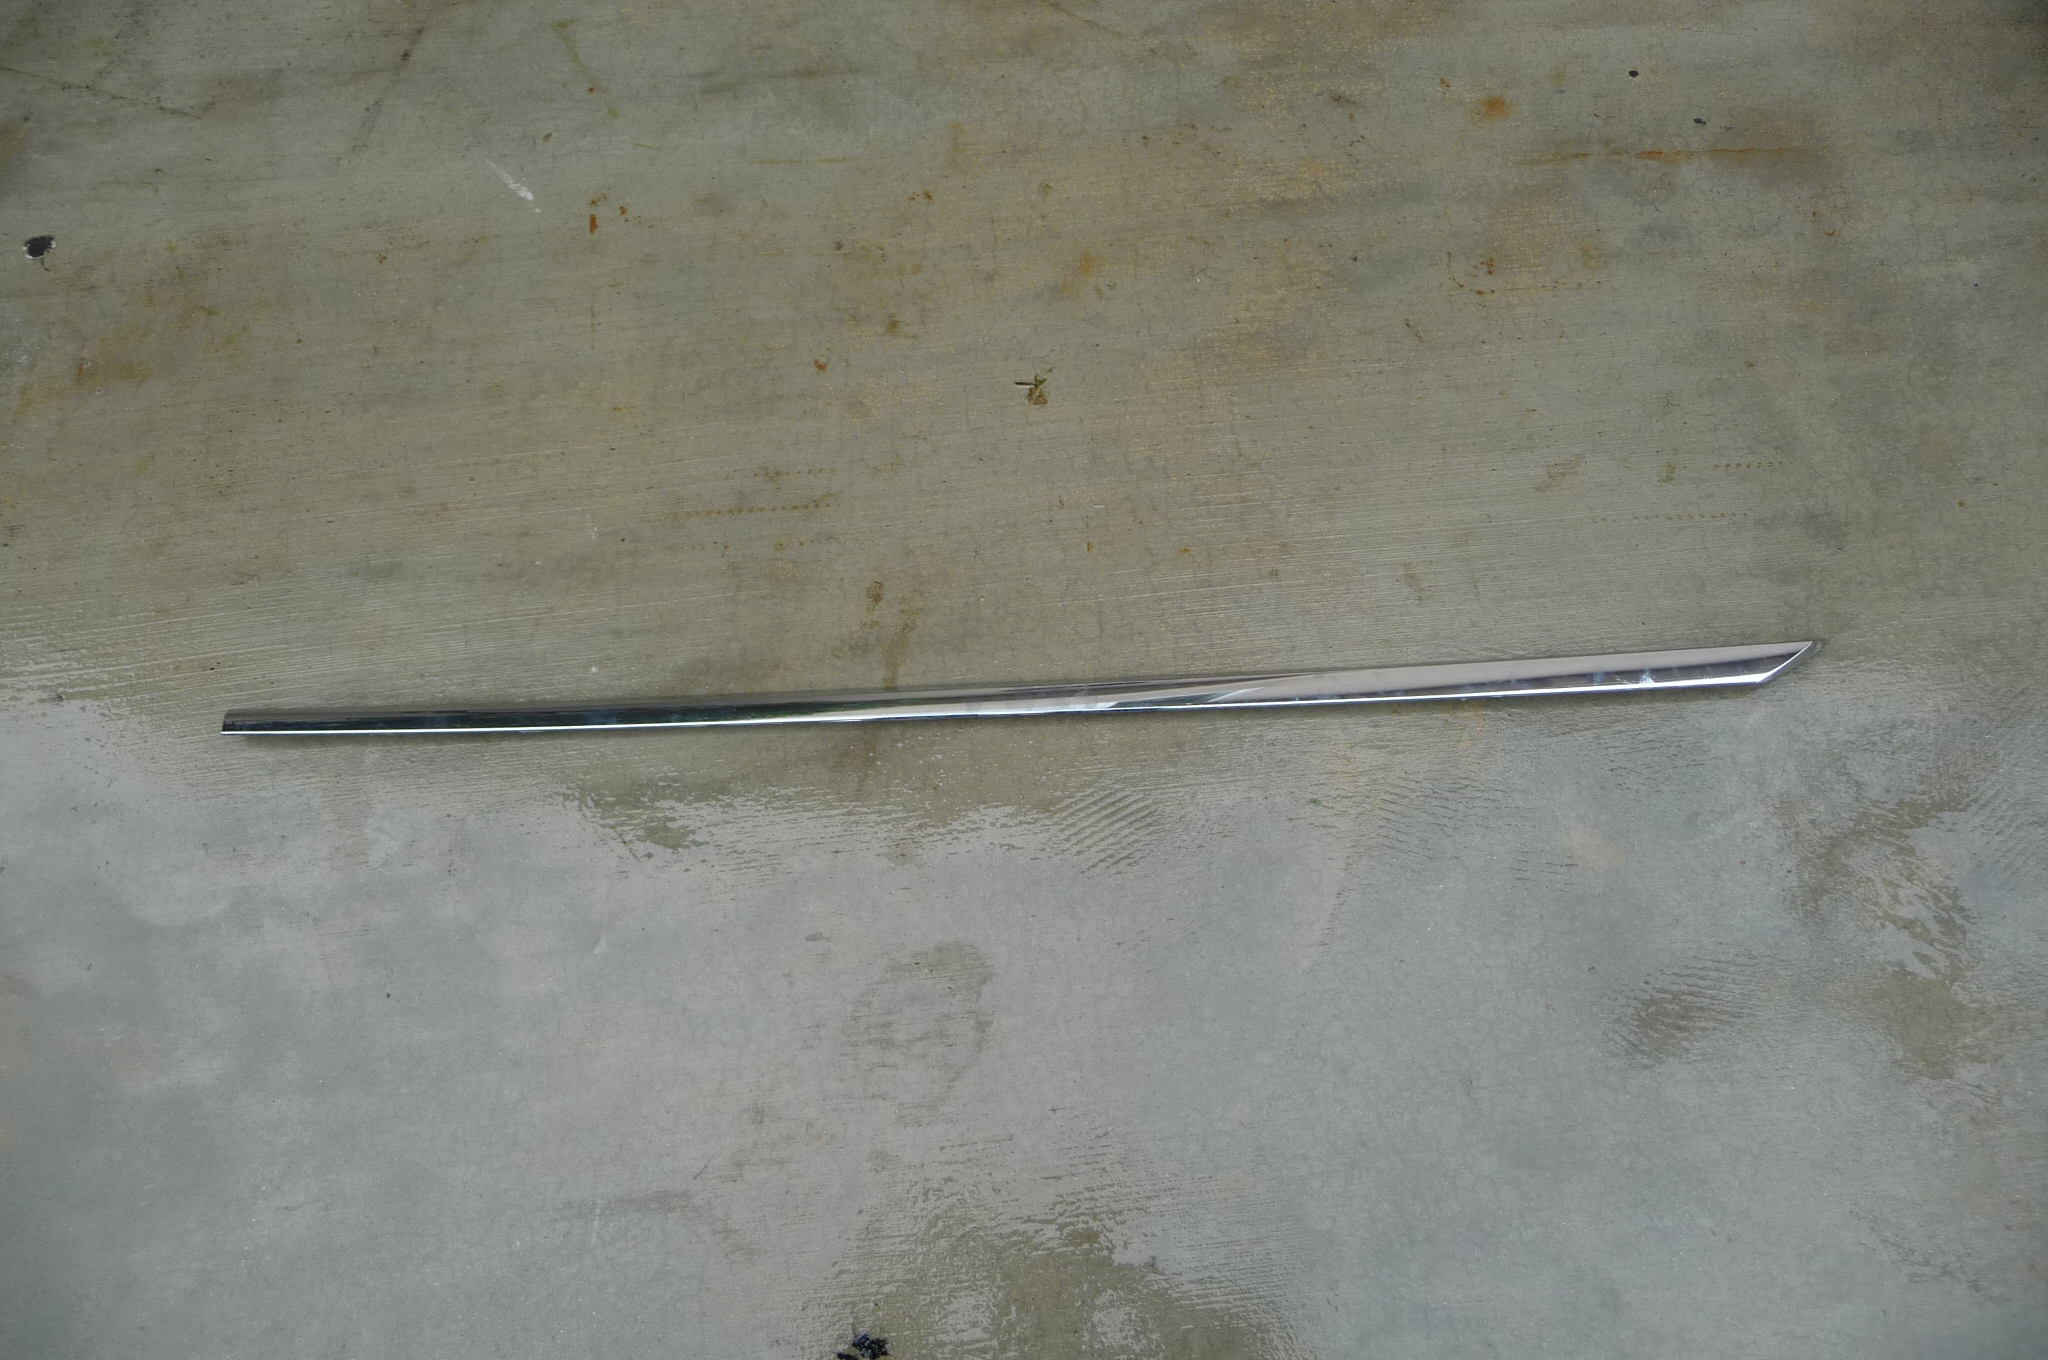 Bentley GT GTC Left Driverside Door Protection Trim Molding 3W8853515K - Used Auto Parts Store | LA Global Parts